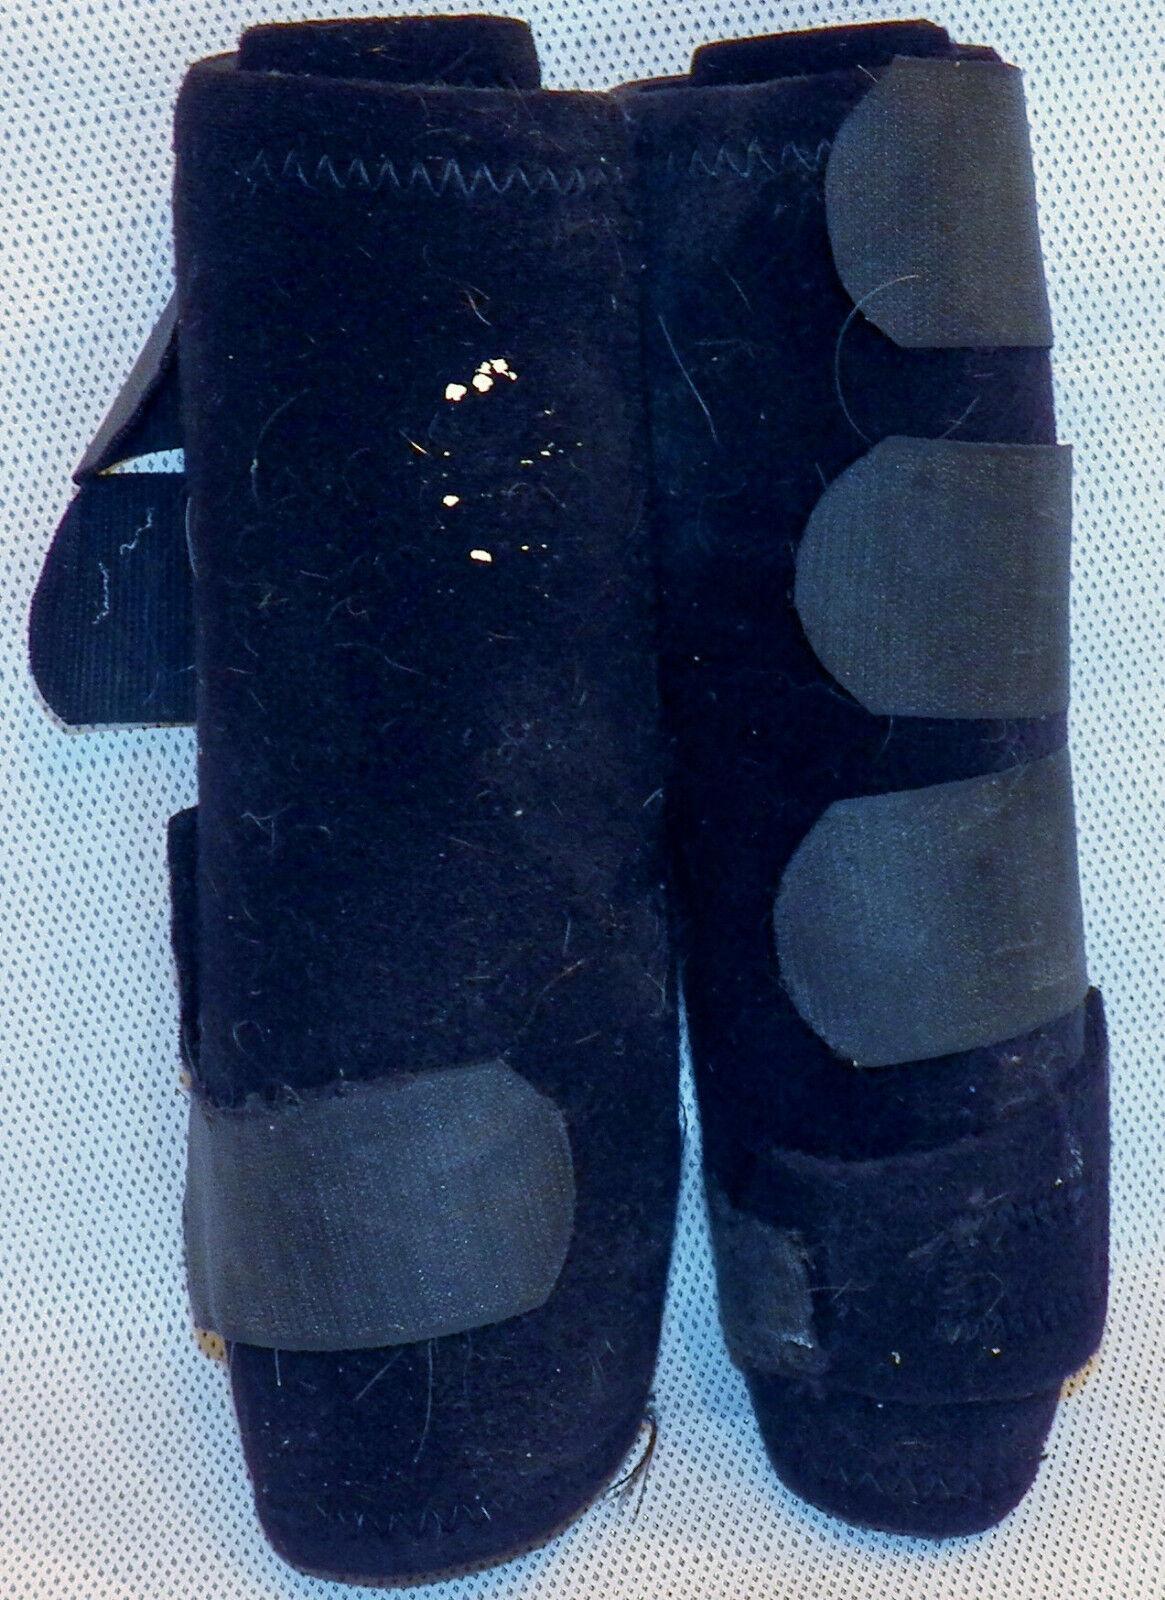 Professionals Choice Negro botas de medicina deportiva SMB2 II Talla Grande L 200